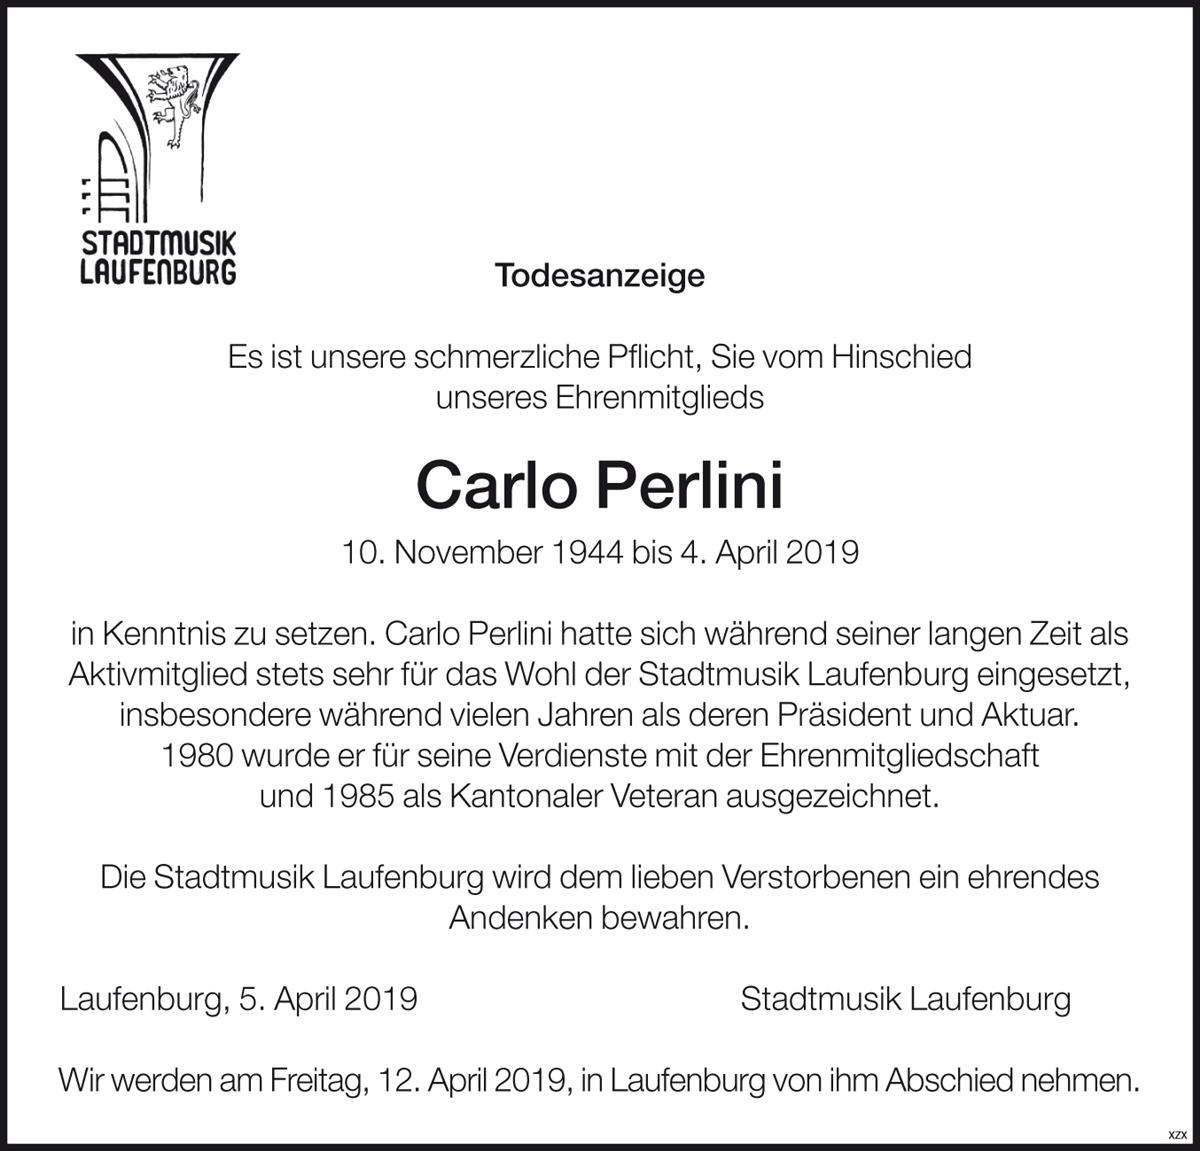 Todesanzeige Carlo Perlini